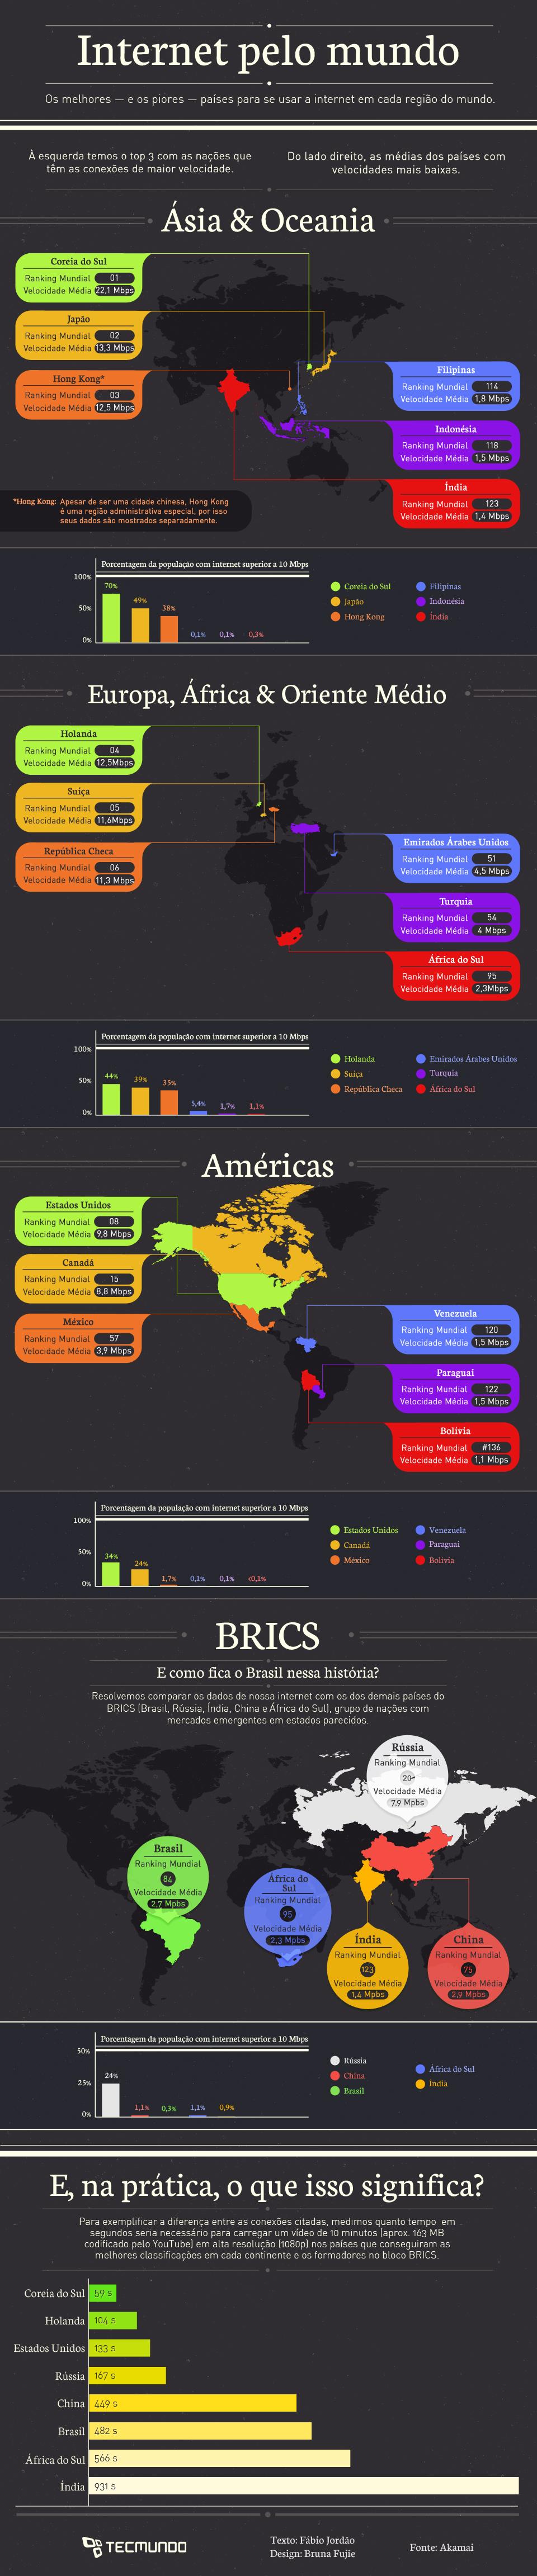 Infográfico - Internet: como estão as velocidades nos principais países [infográfico]